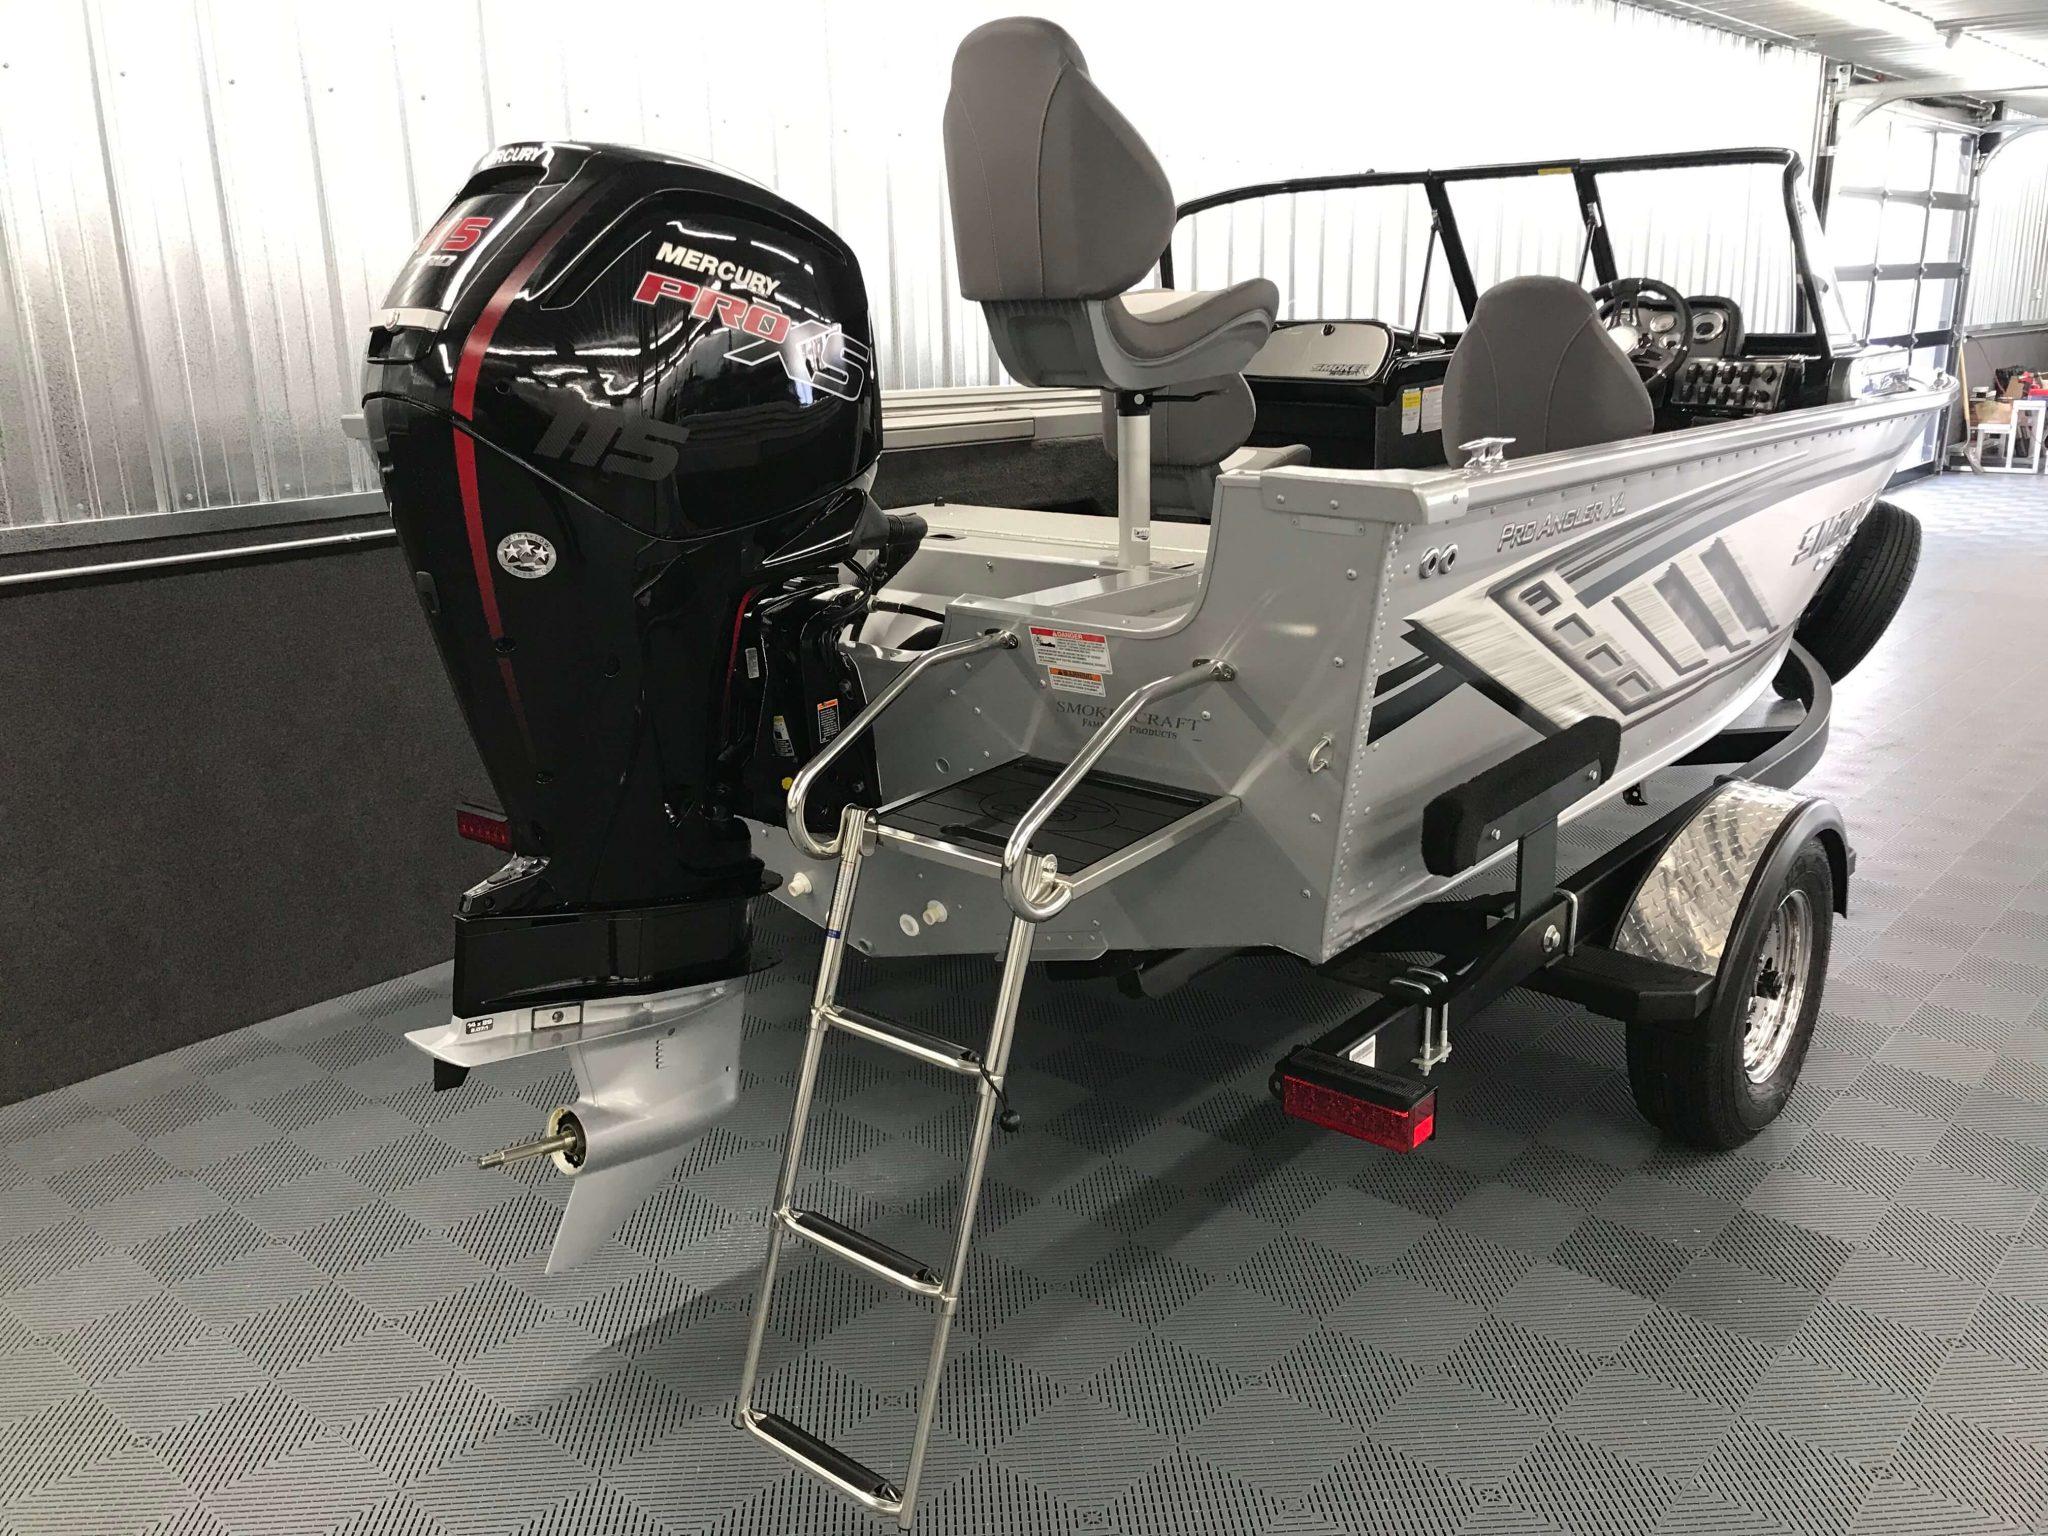 2019 Smoker Craft 172 Pro Angler XL Mercury 115 Pro XS Motor 1